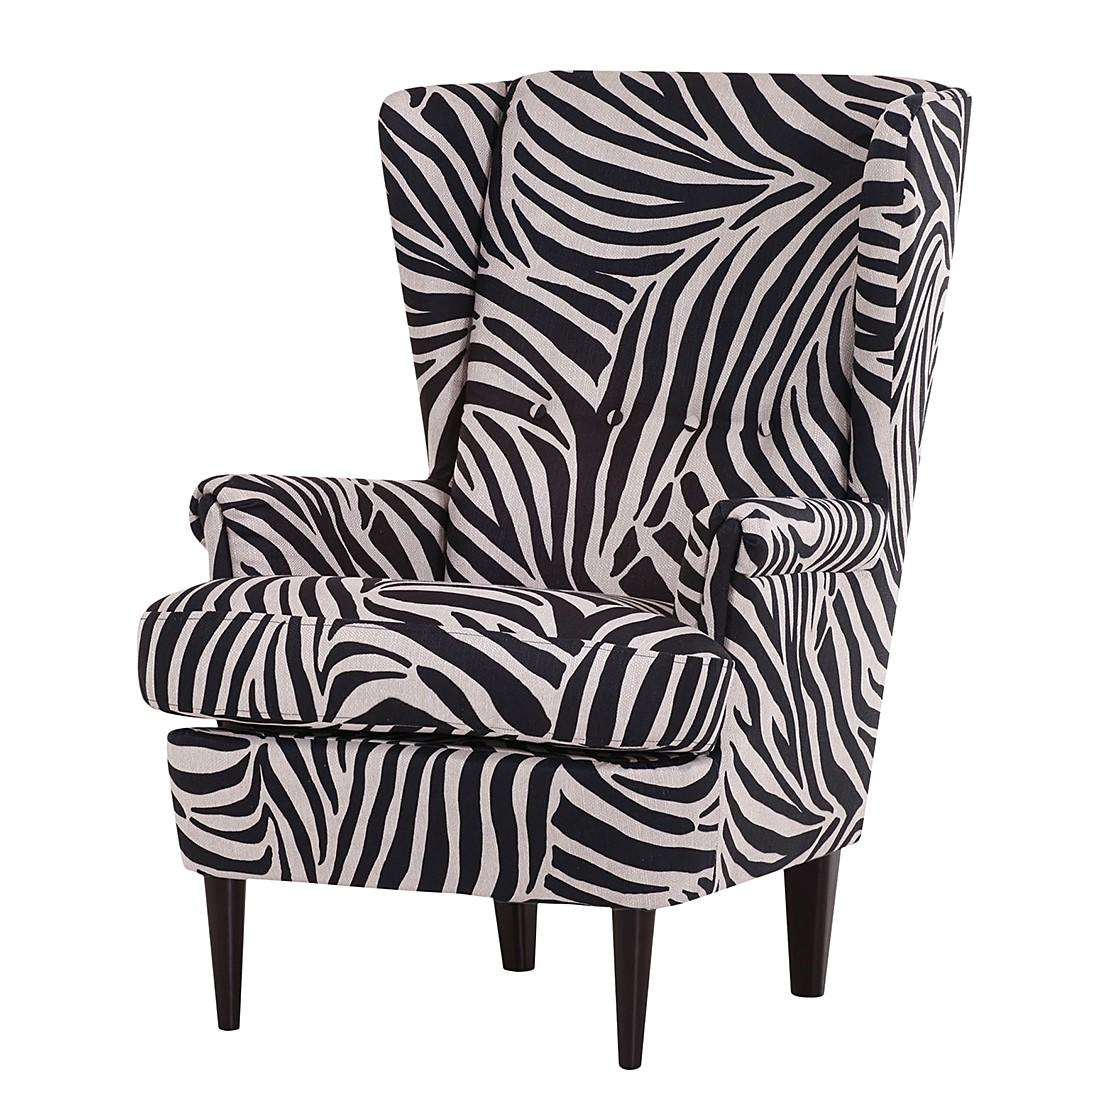 Oorfauteuil Chaville - geweven stof met zebra motief, Morteens